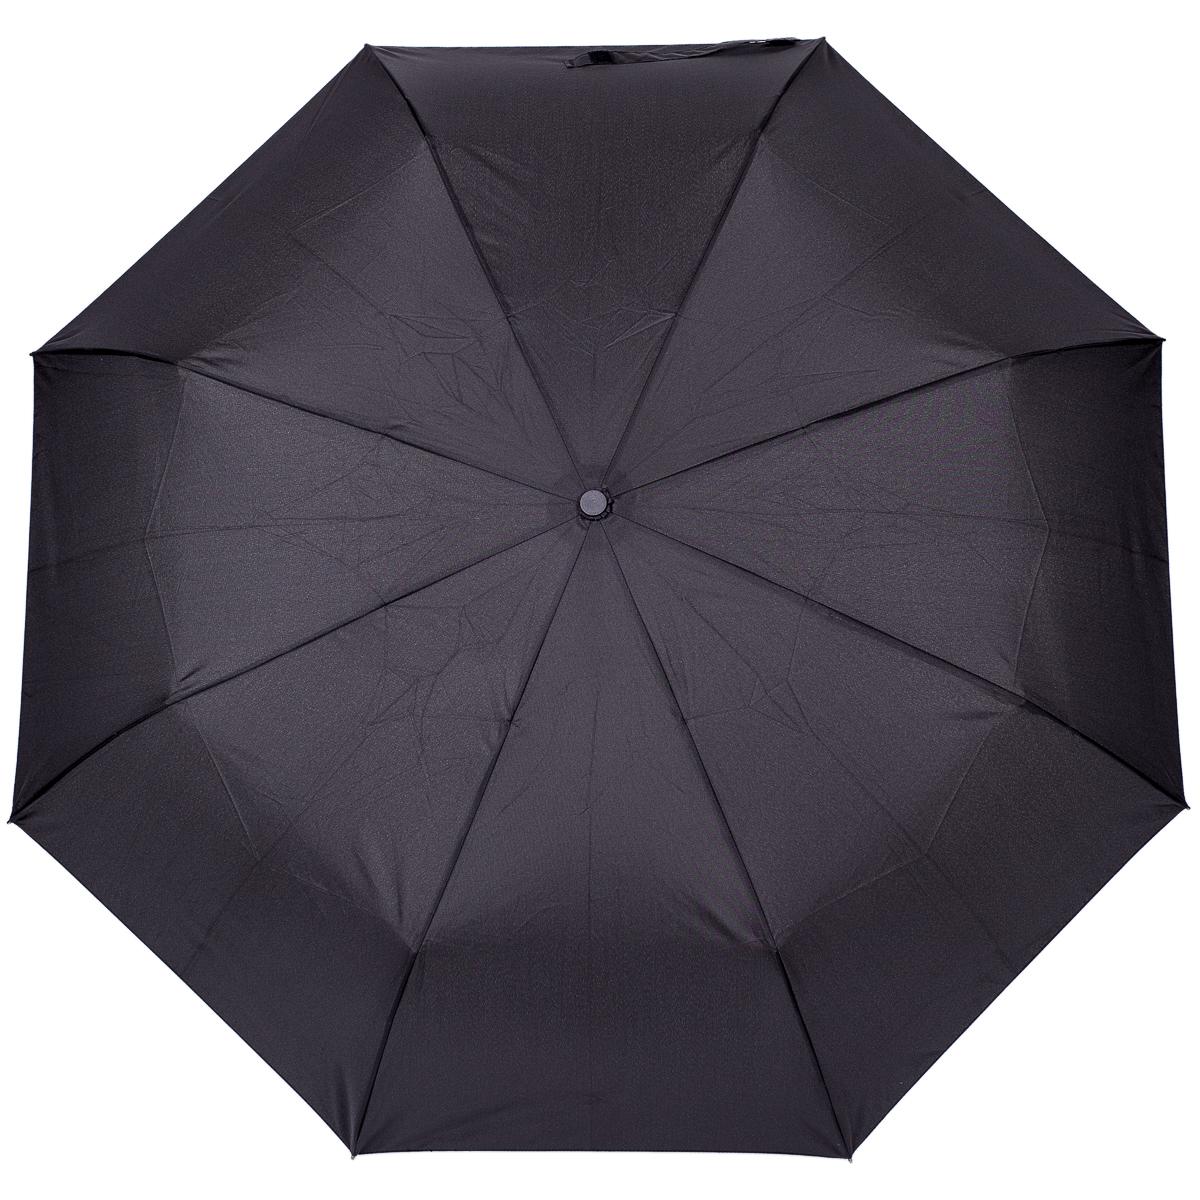 Зонт Stilla, механический, 3 сложения, цвет: черный. 795/black